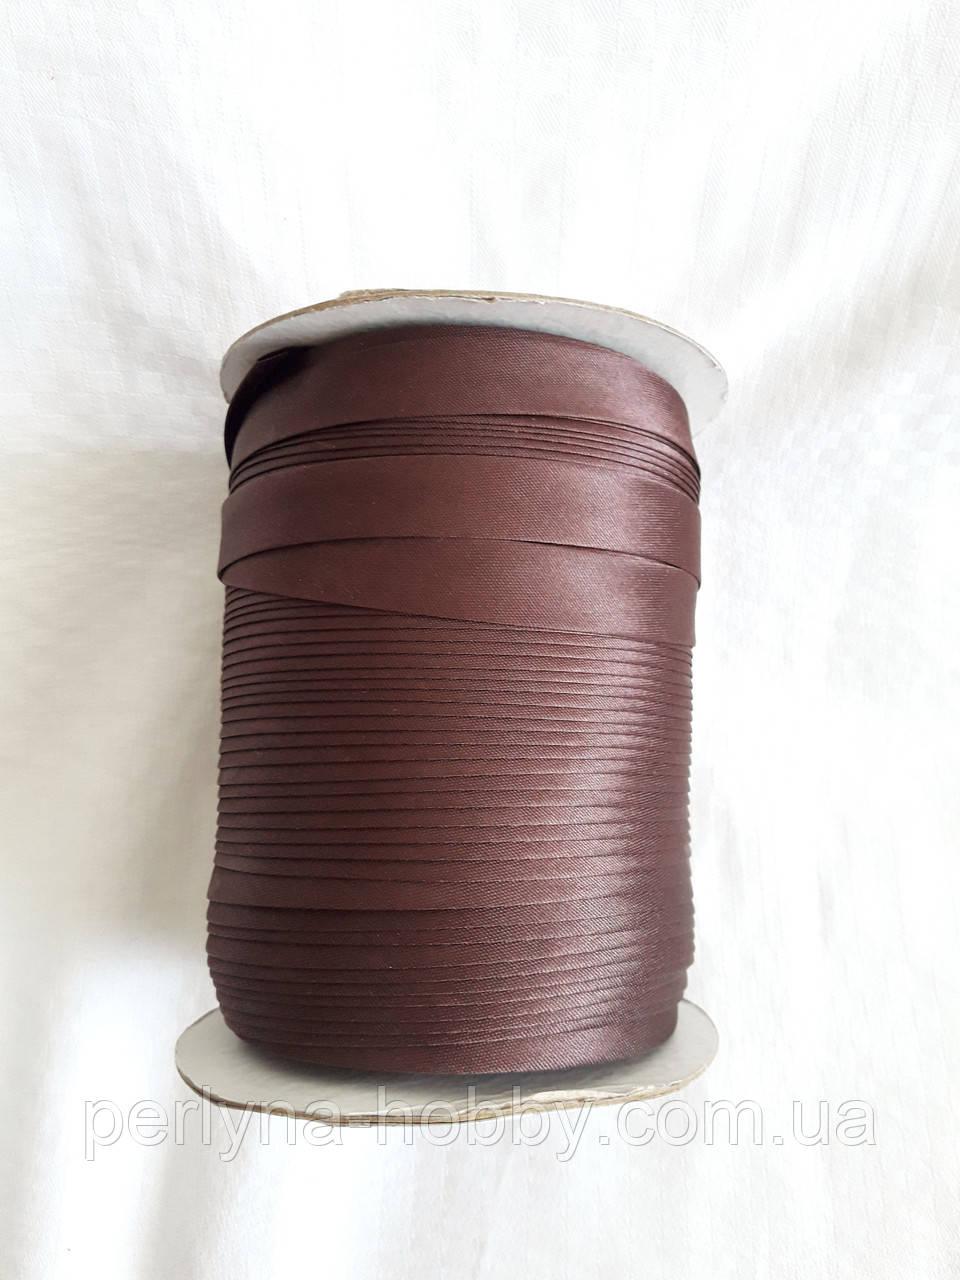 Лямівка атласна 15 мм, косая бейка,коричнева з бордовим відтінком№ 77